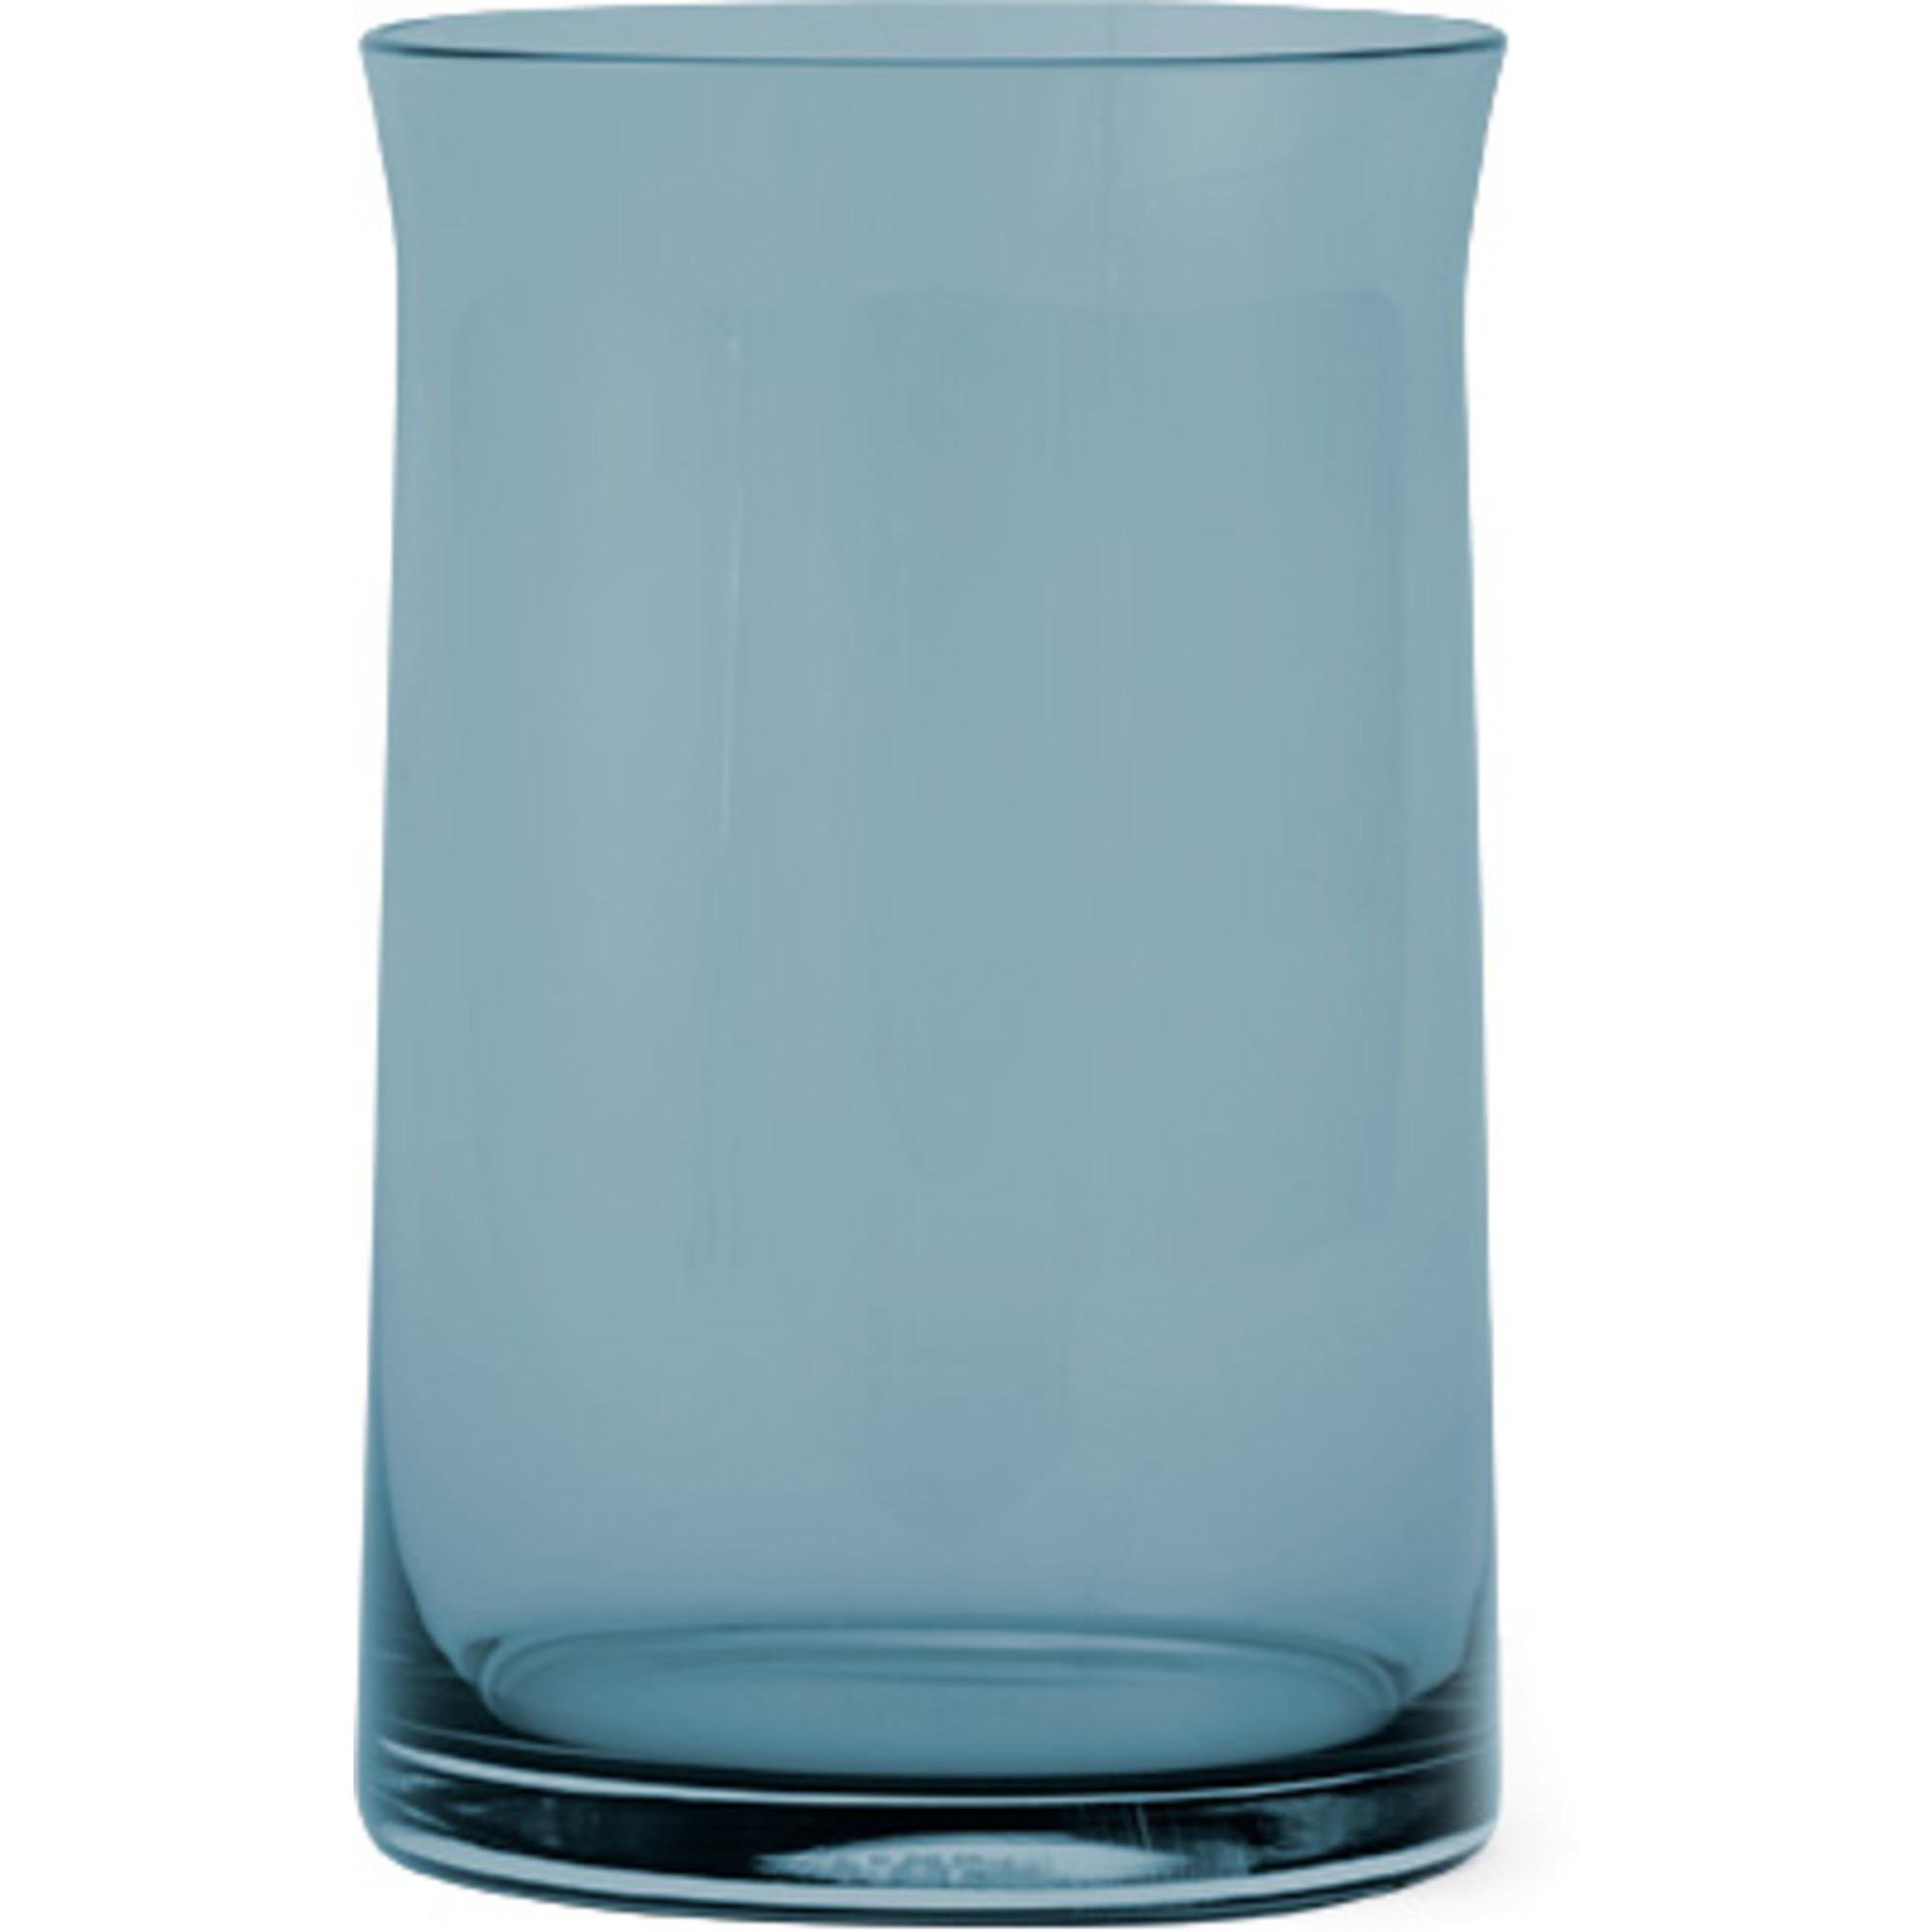 Lyngby Porcelæn JC. glas stort – blå